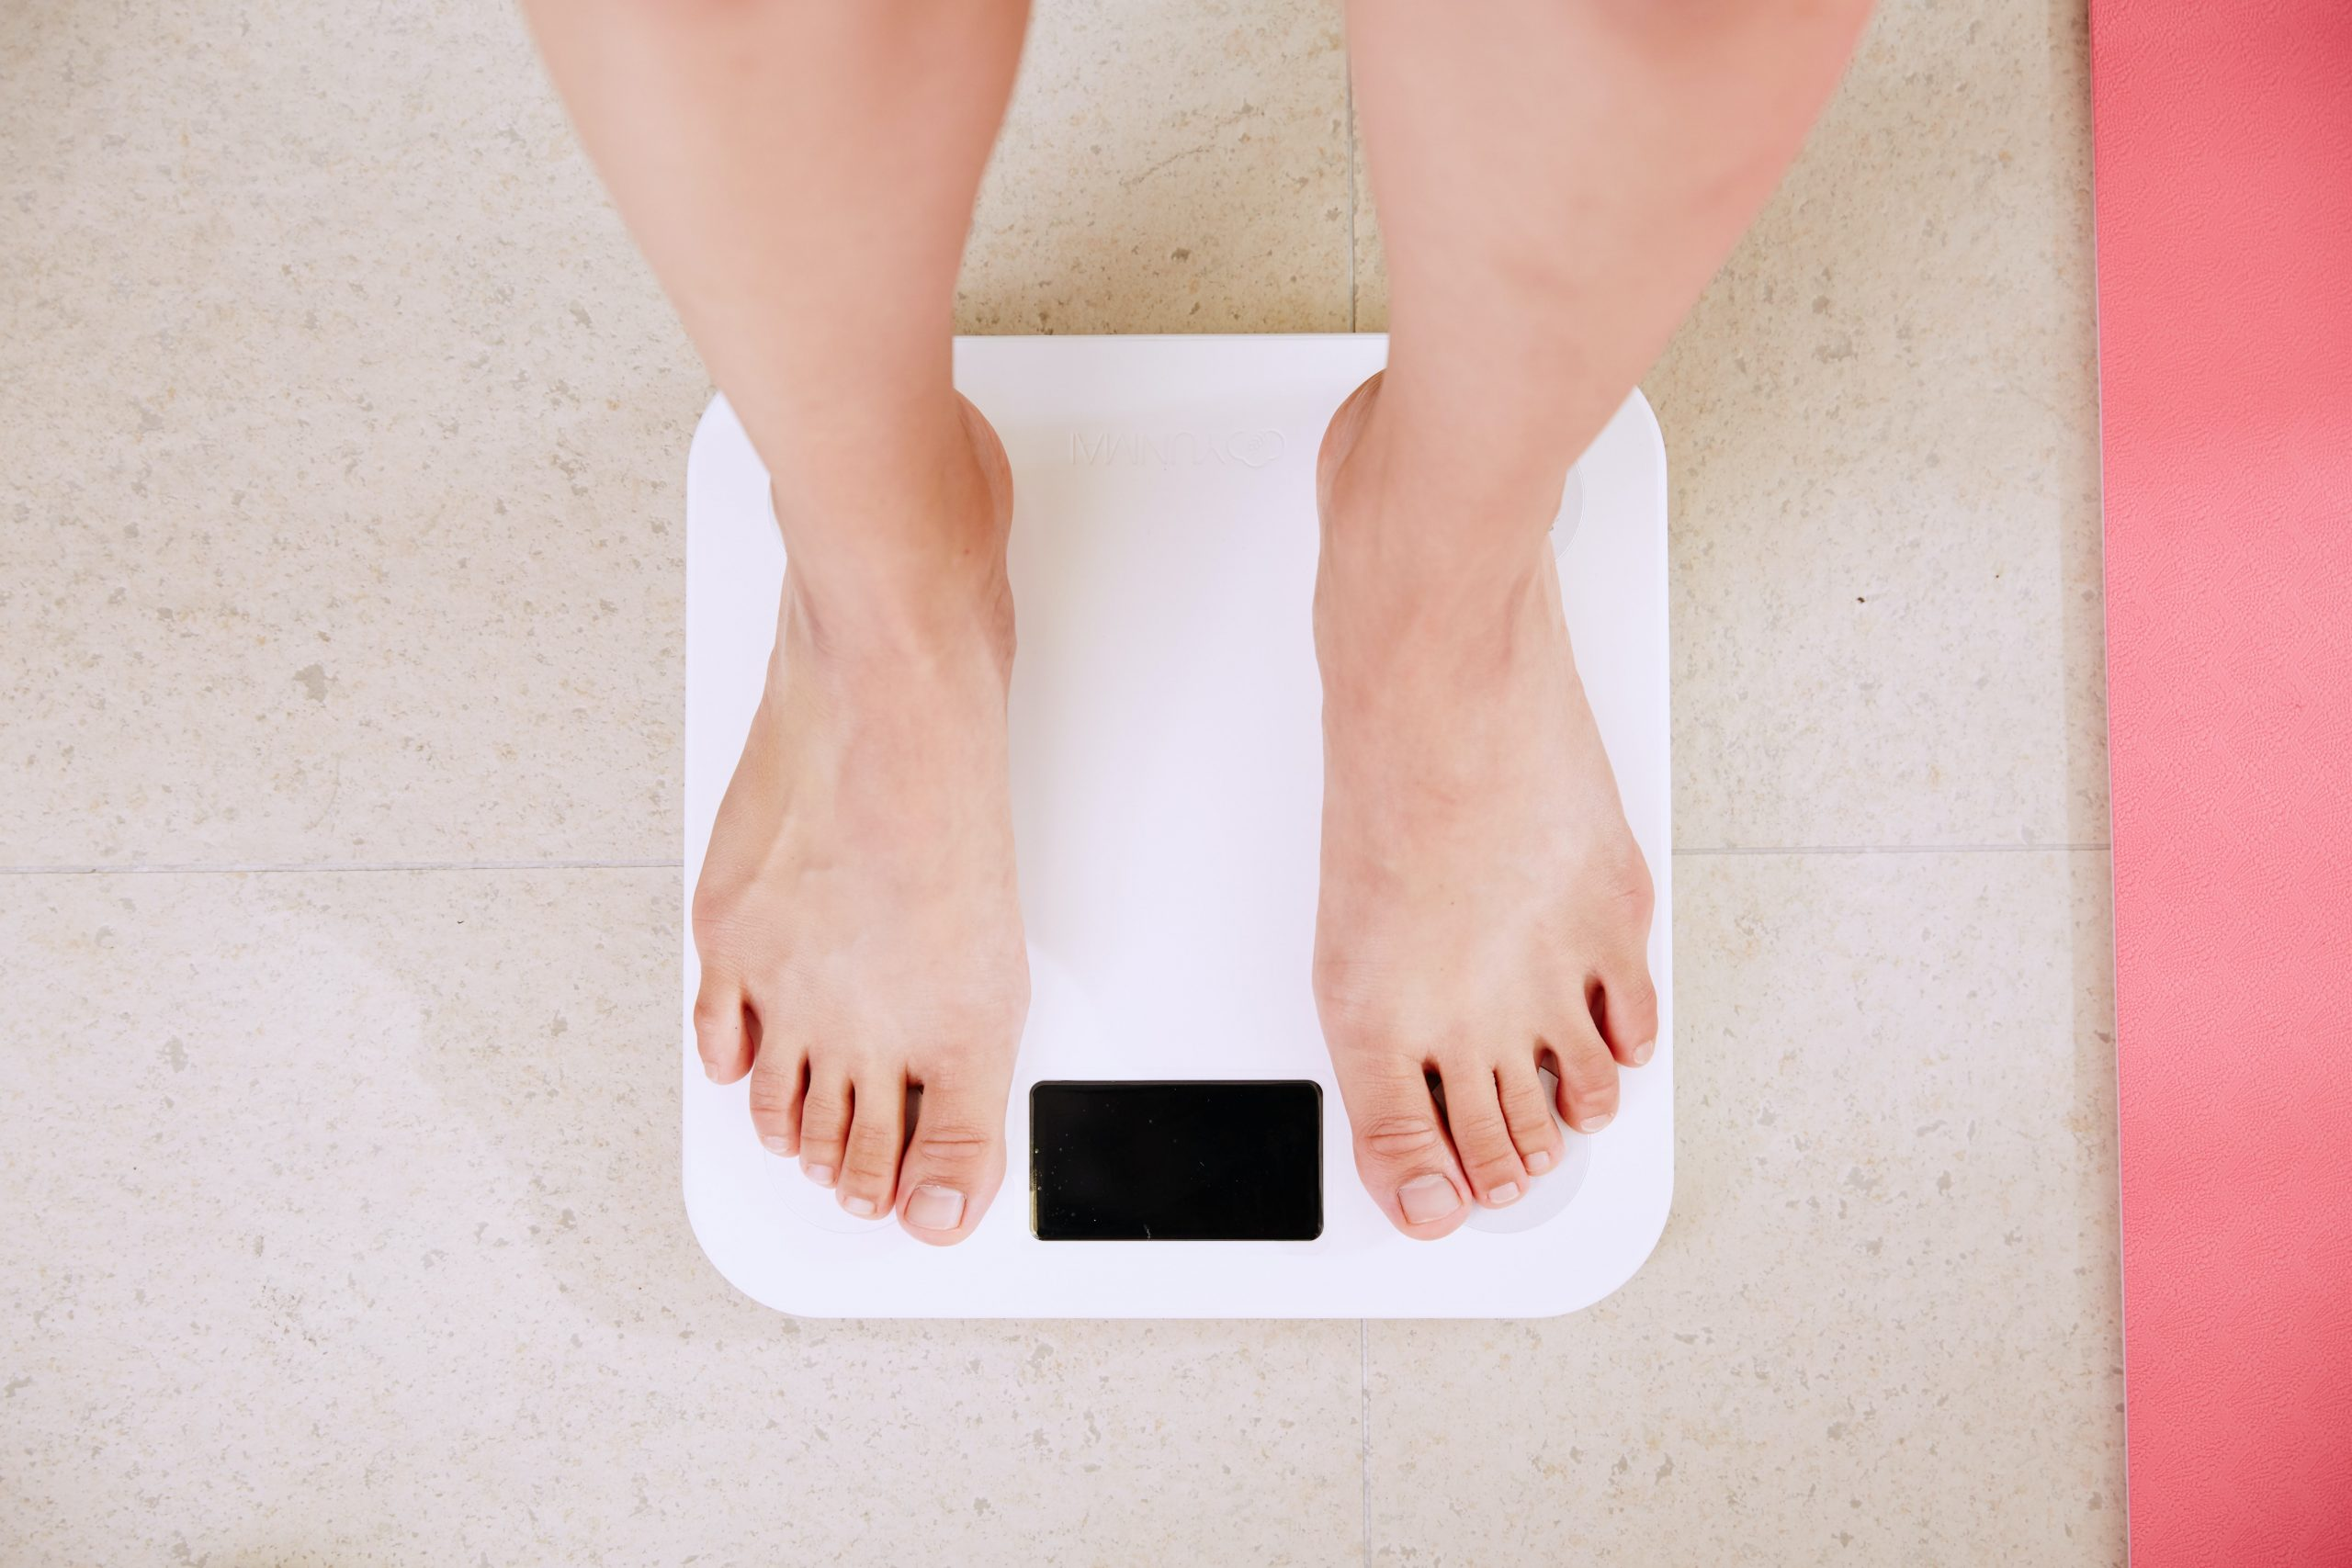 Δωρεάν Ηλεκτρονικό Αρχείο Ανάλυσης 📊 Σωματικού Βάρους 🎯 σε EXCEL